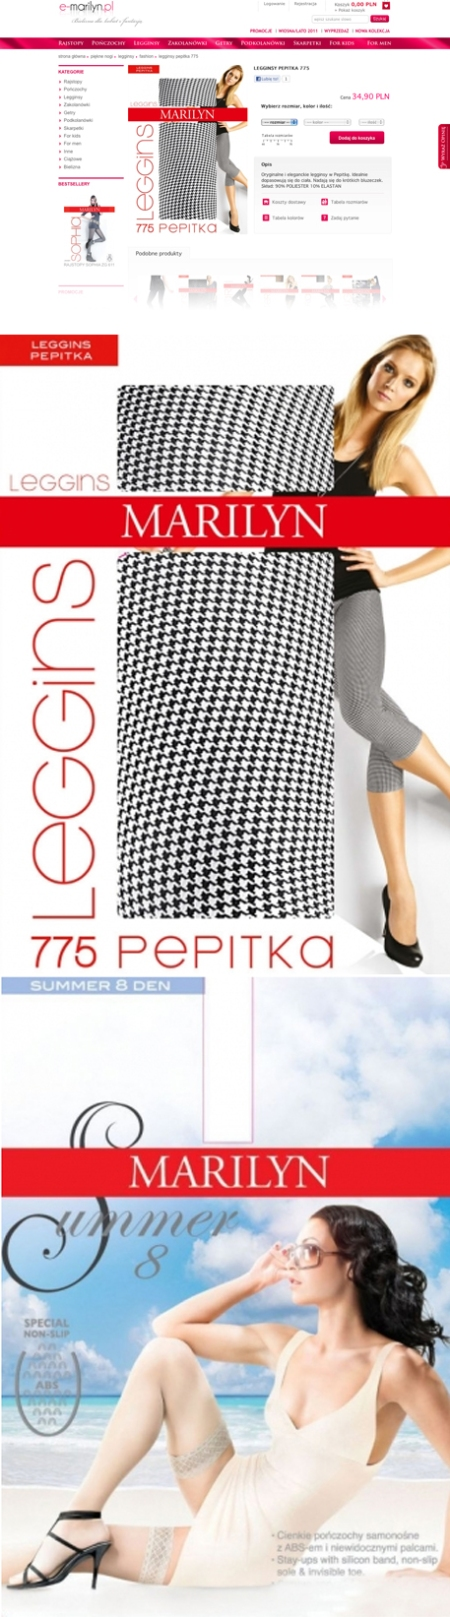 Marilyn, Malrilyn medias, Marilyn leggins, Marilyn retoque photoshop, katanga73, katanga73.wordpress.com, katarama